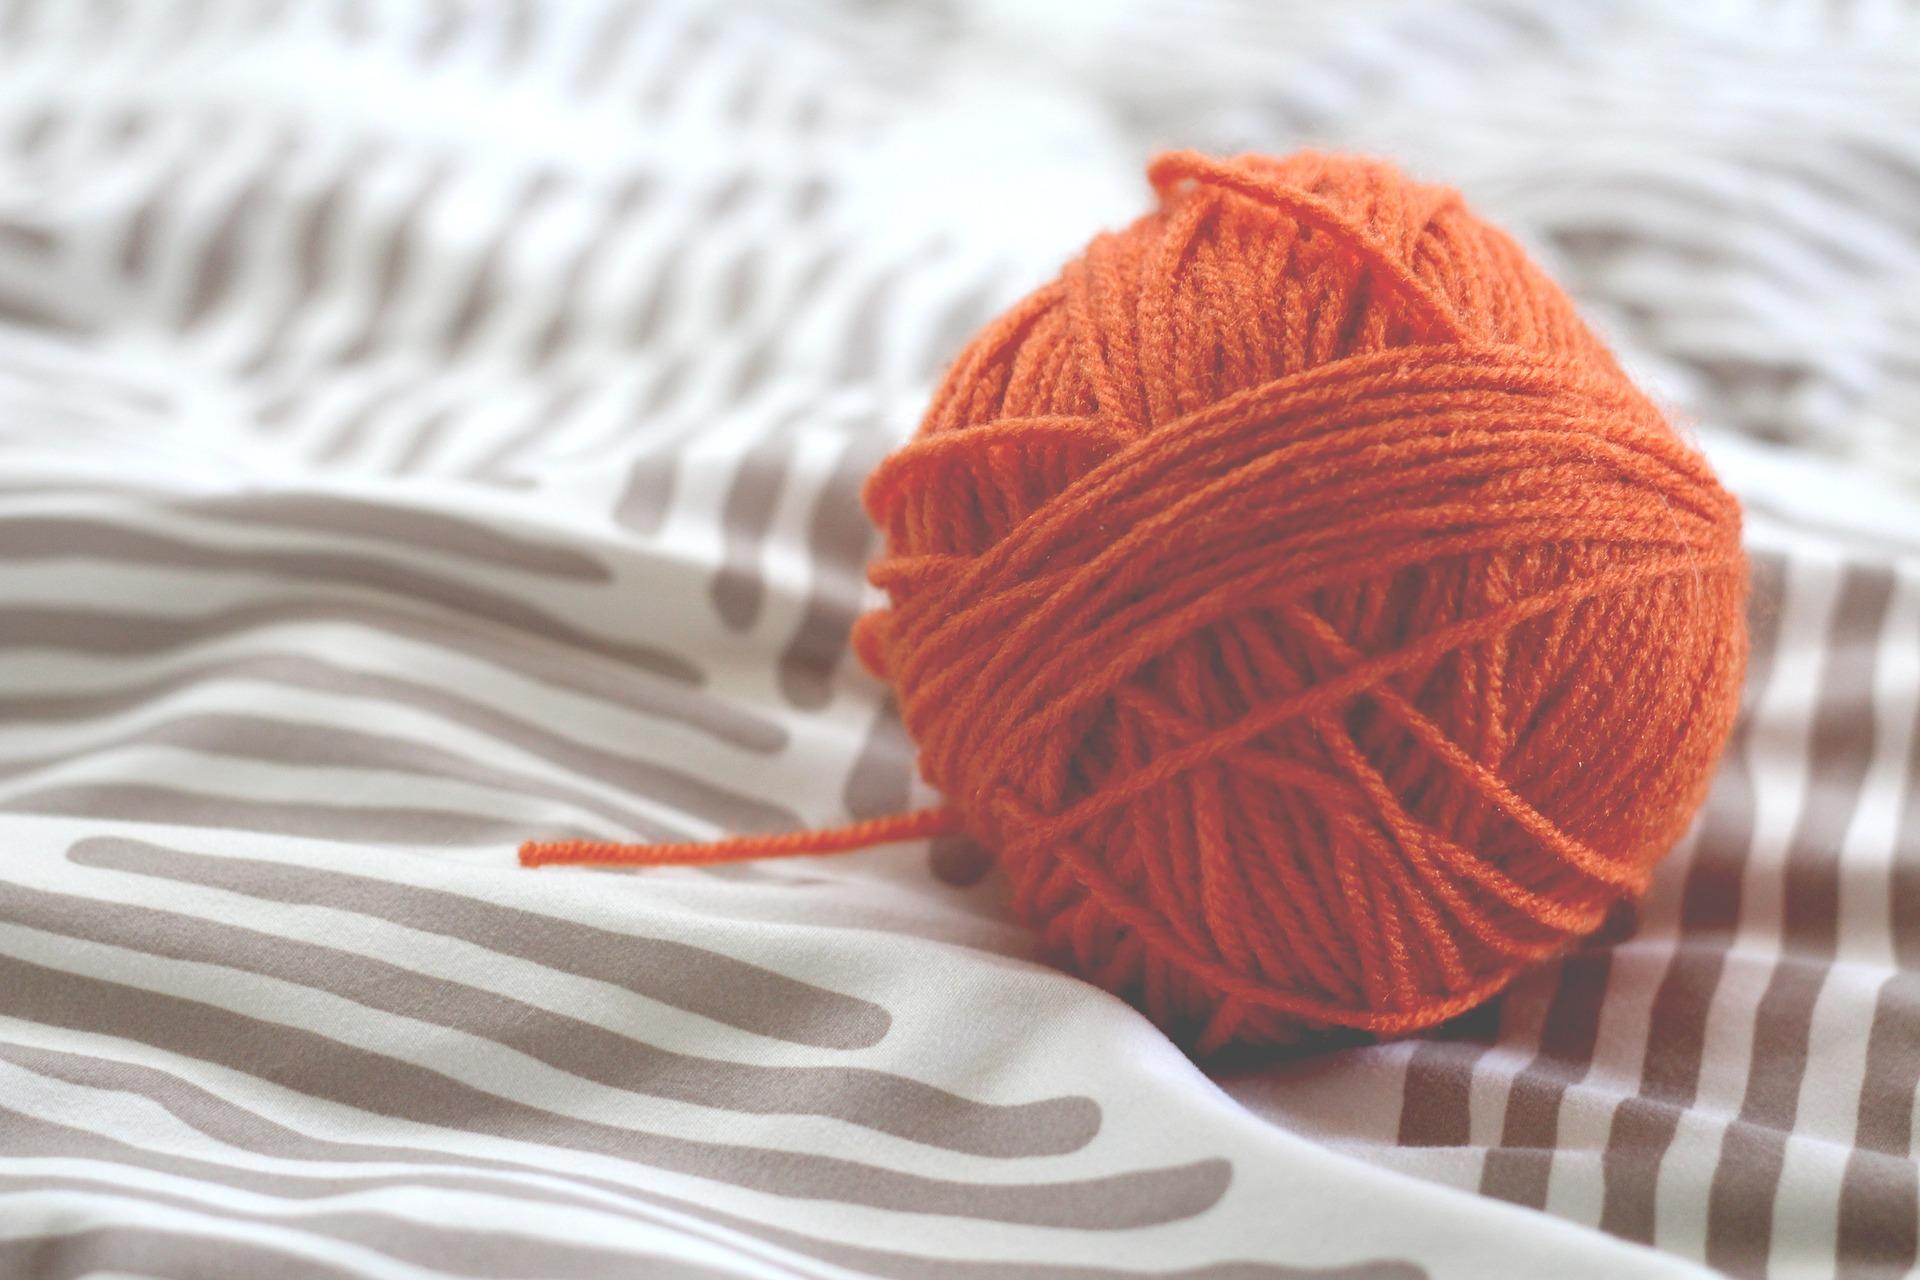 Hos Garnværkstedet finder du skønne produkter som Sandnes garn og strikkepinde af høj kvalitet